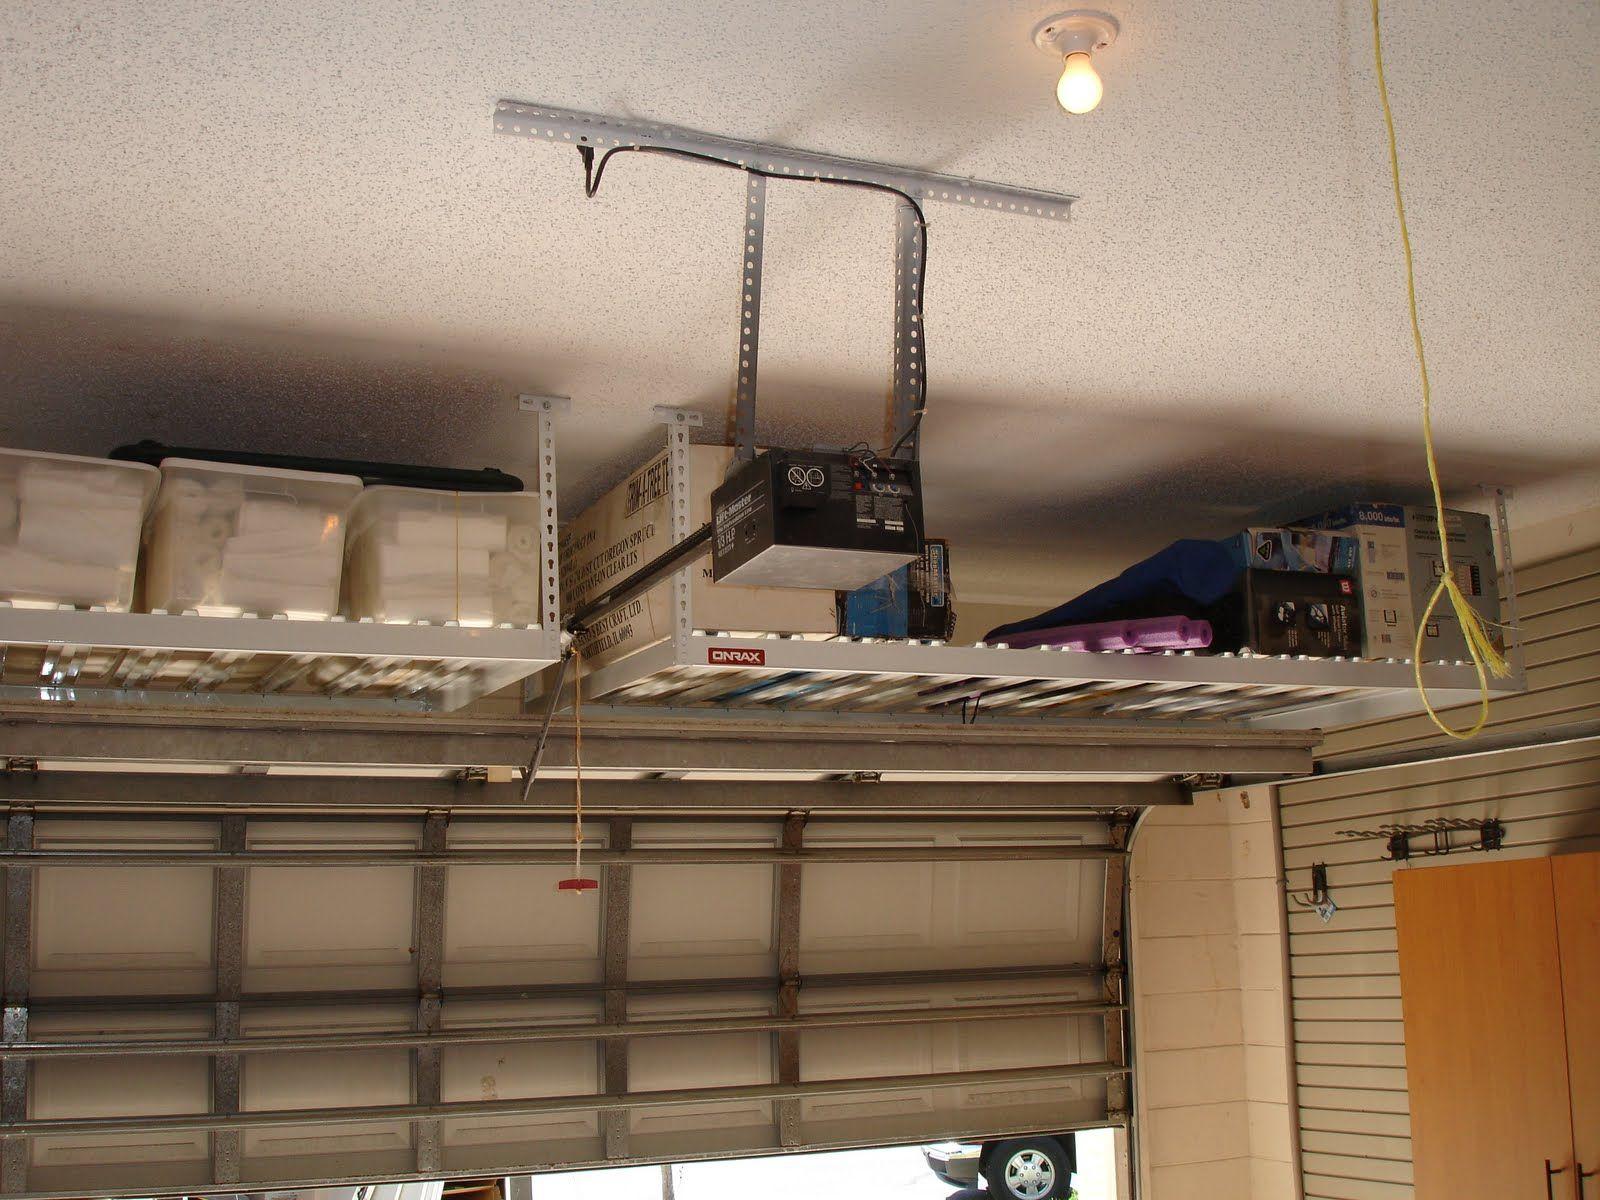 Garage Overhead Storage Build Diy Overhead Garage Storage